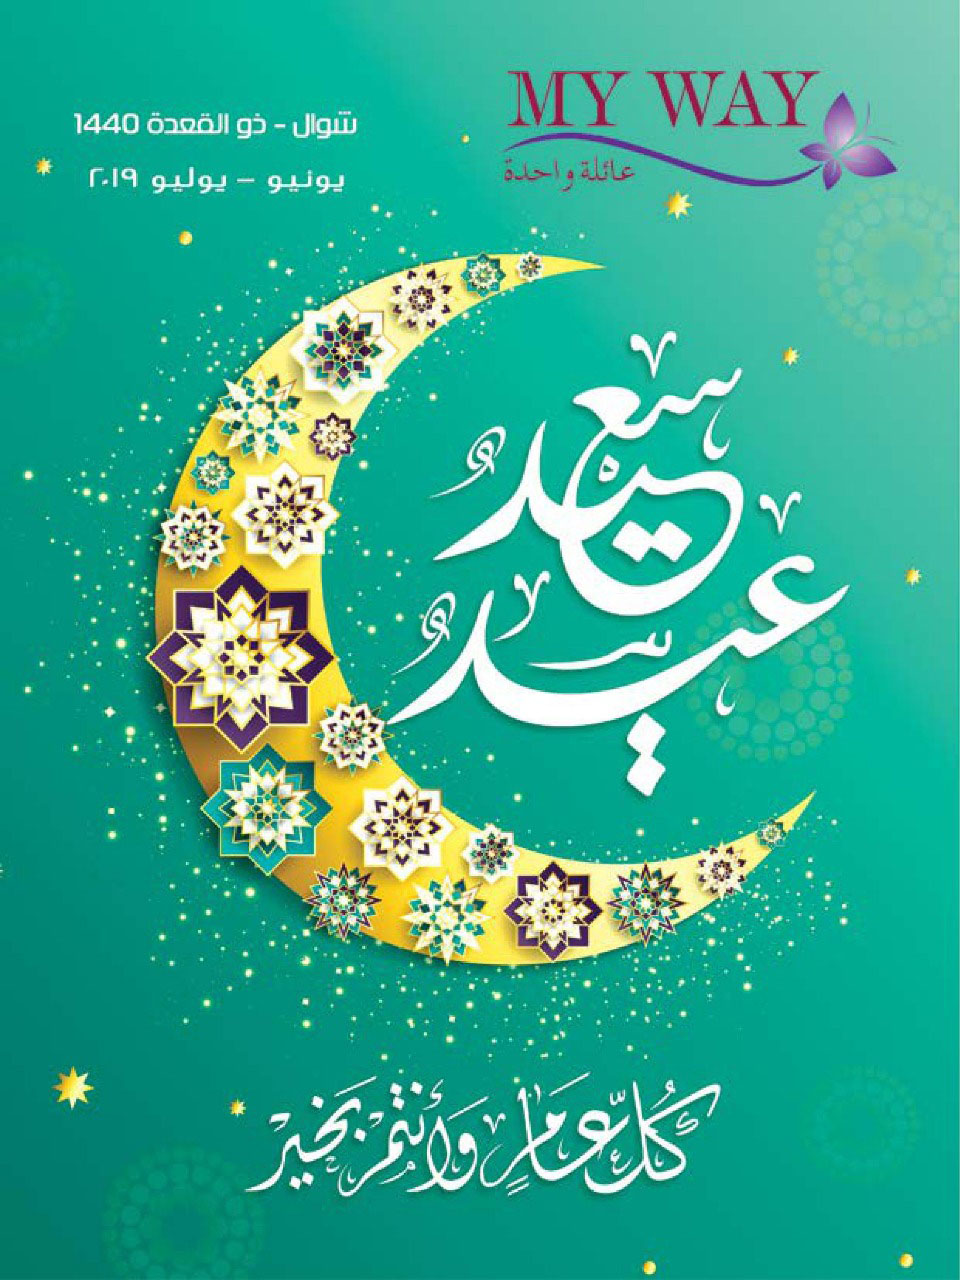 كتالوج العيد من ماى واى السعودية لشهرى يونيو ويوليو 2019 للاشتراك 0504824948 010